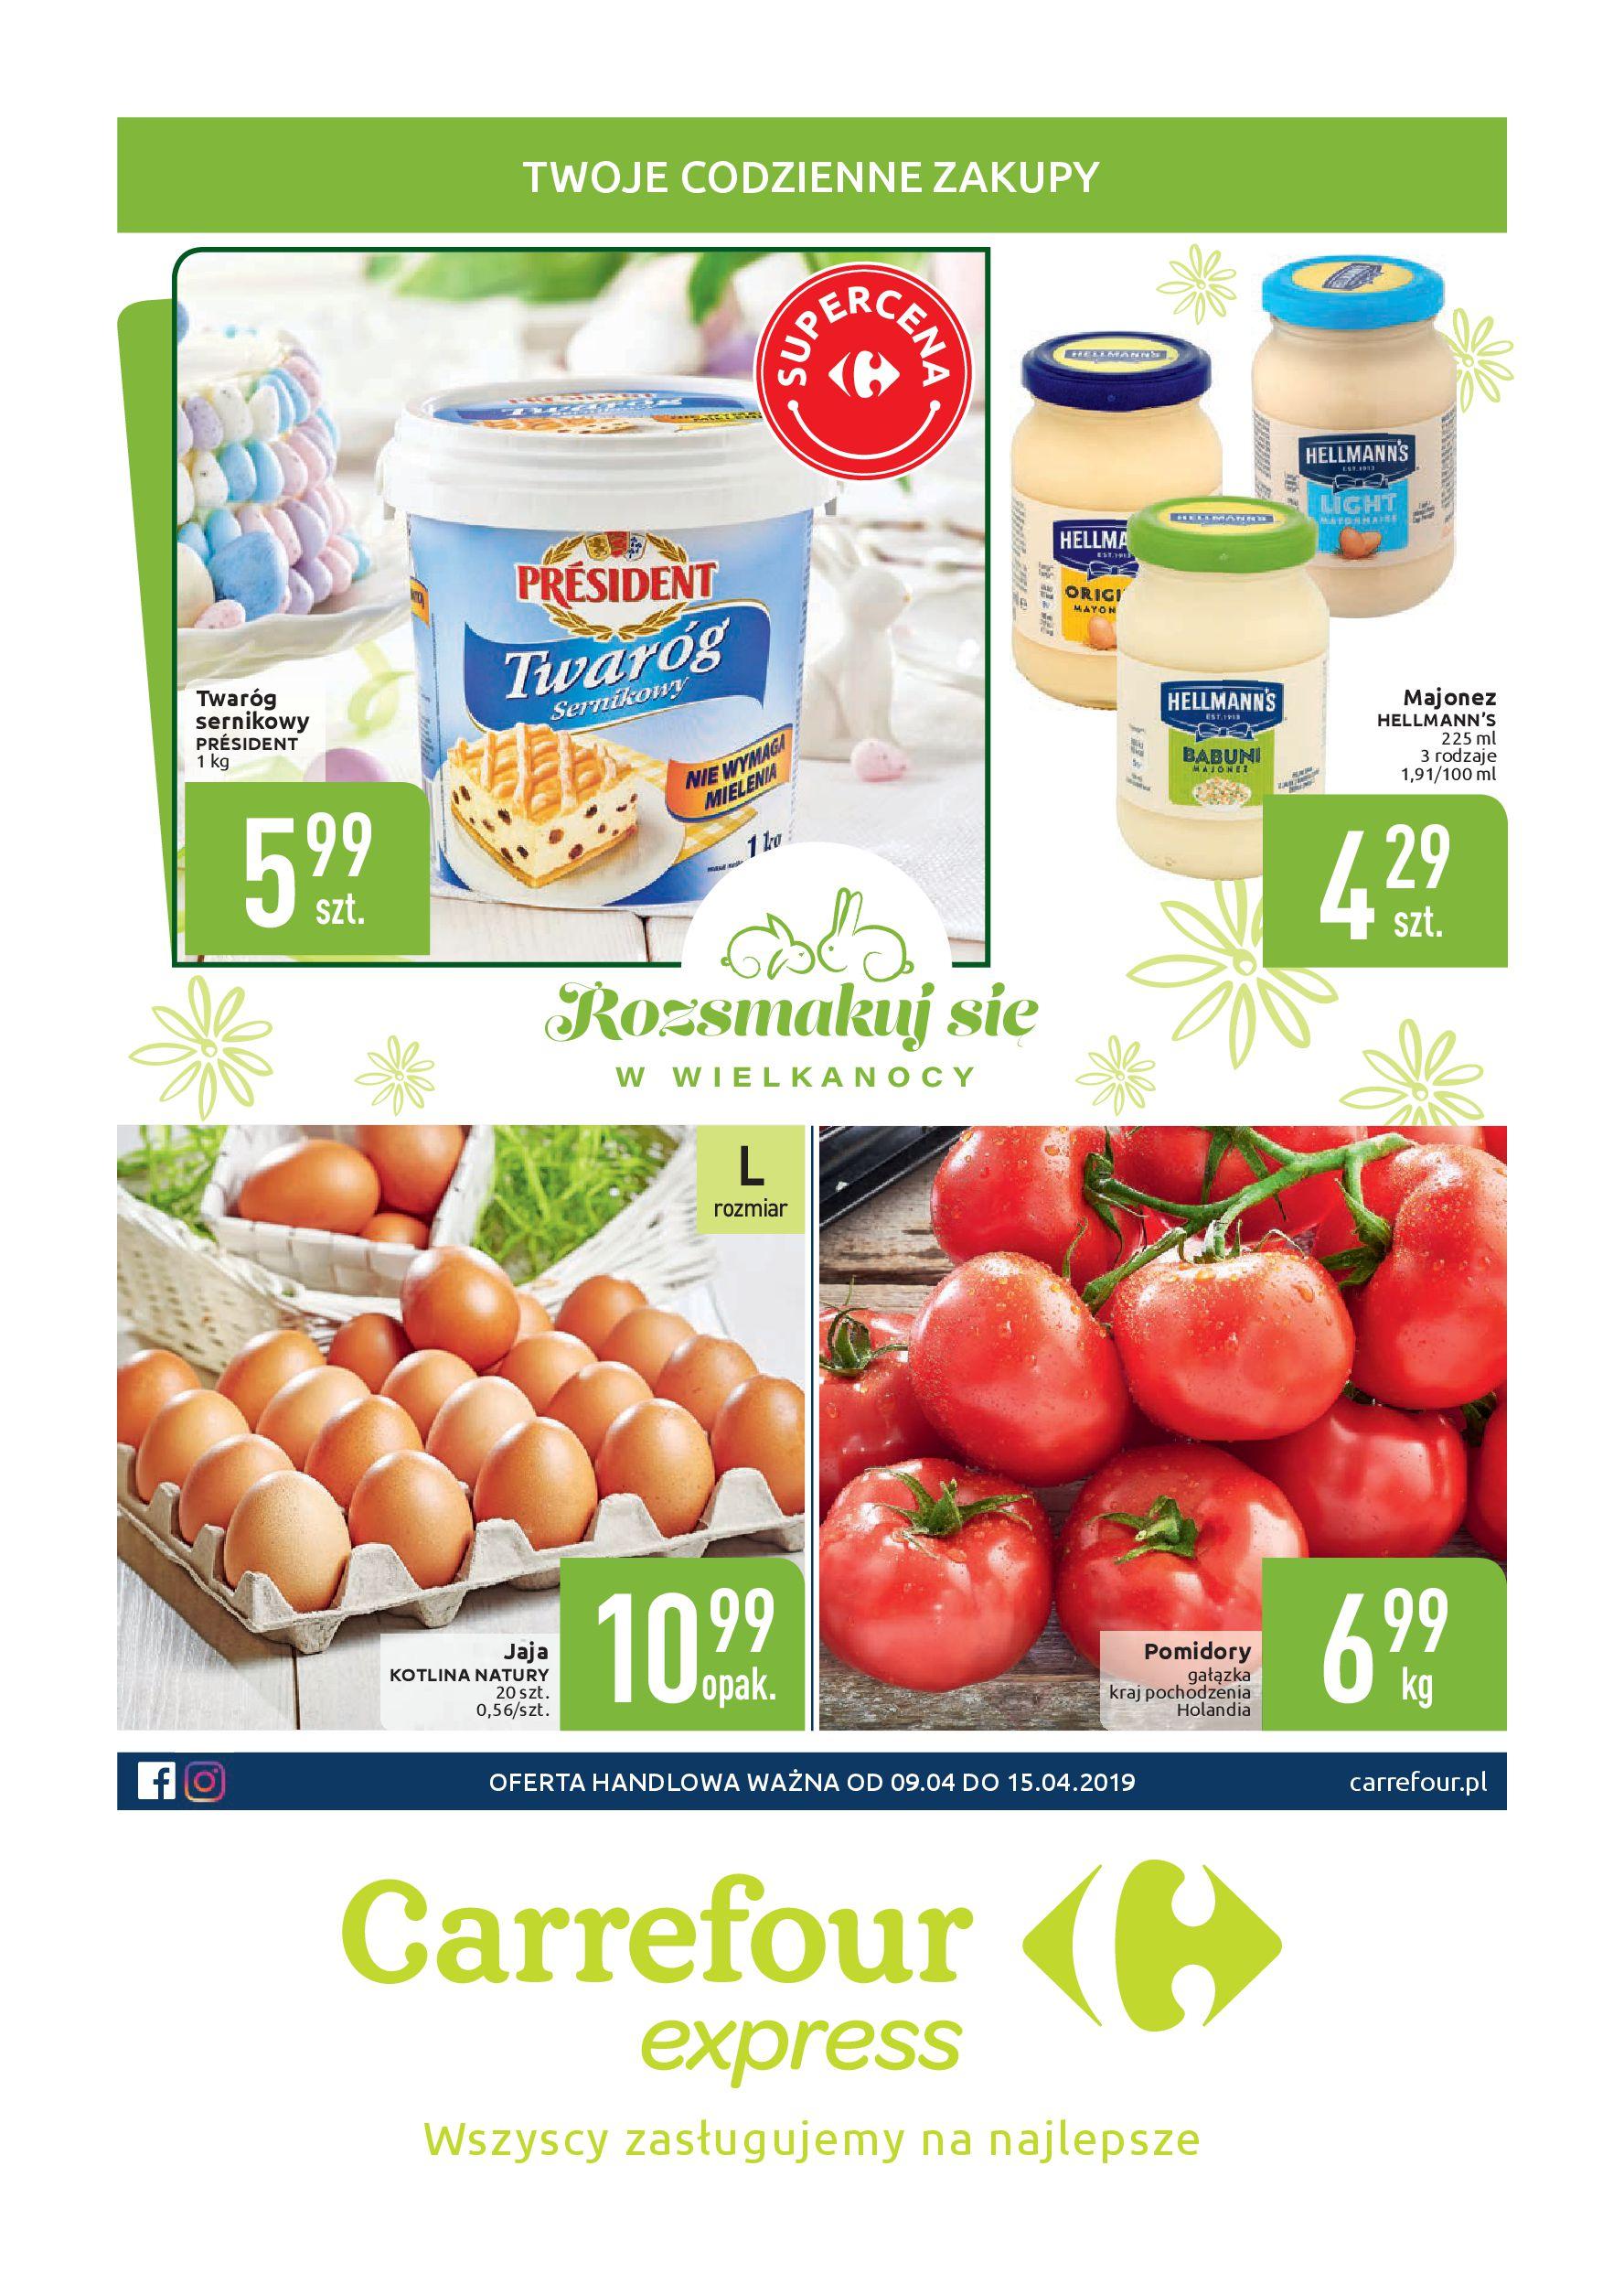 Gazetka Carrefour Express - Oferta handlowa-08.04.2019-15.04.2019-page-